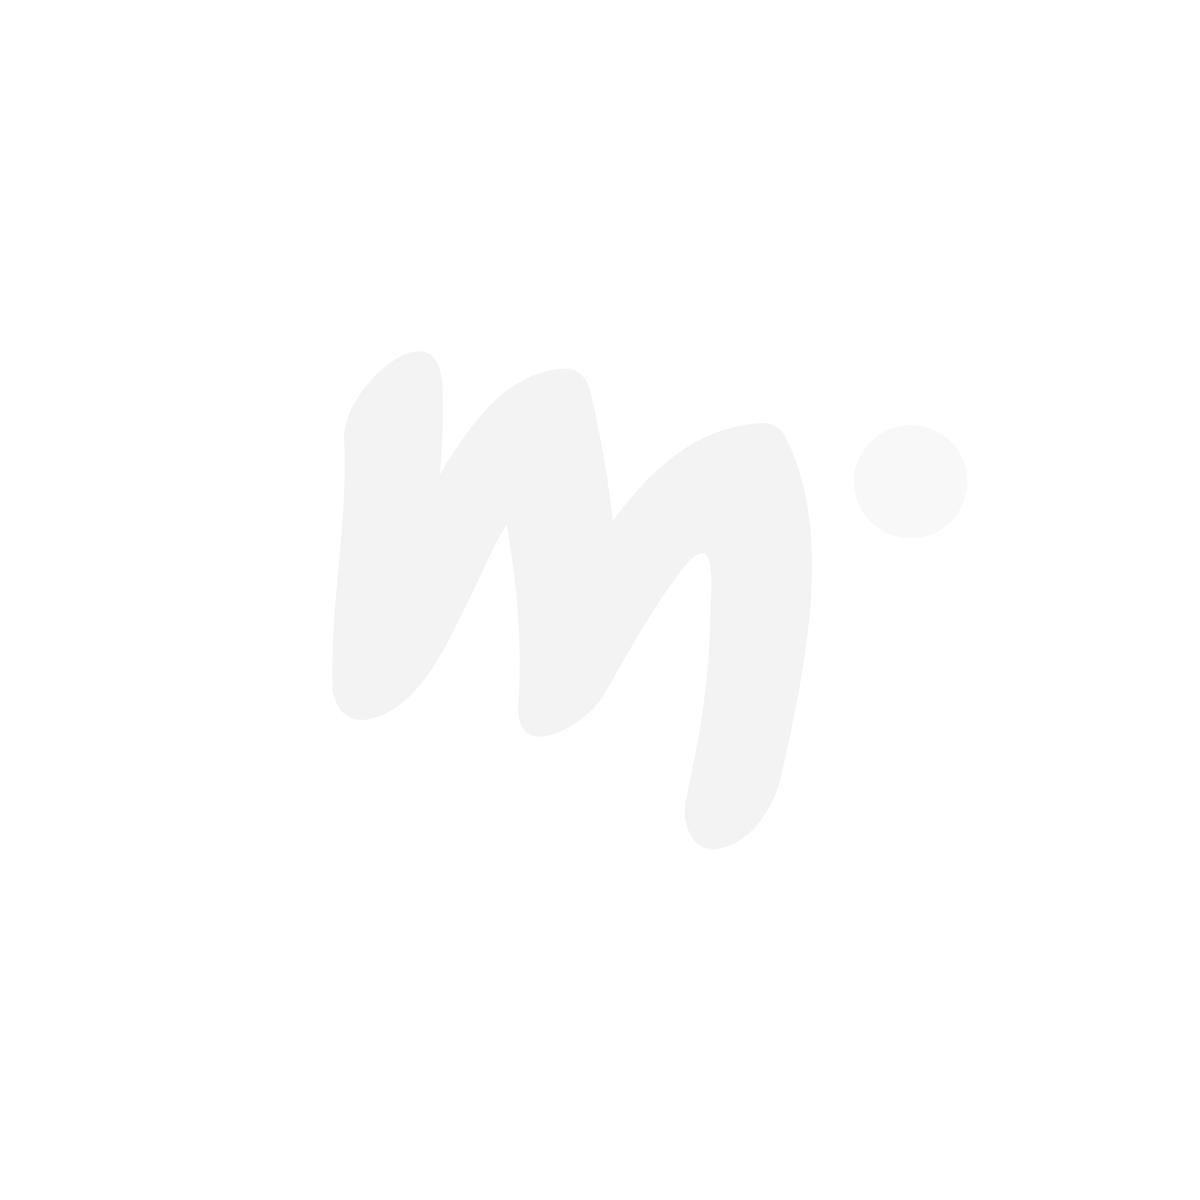 Muumi Aakkoset-verkkatakki tummansininen